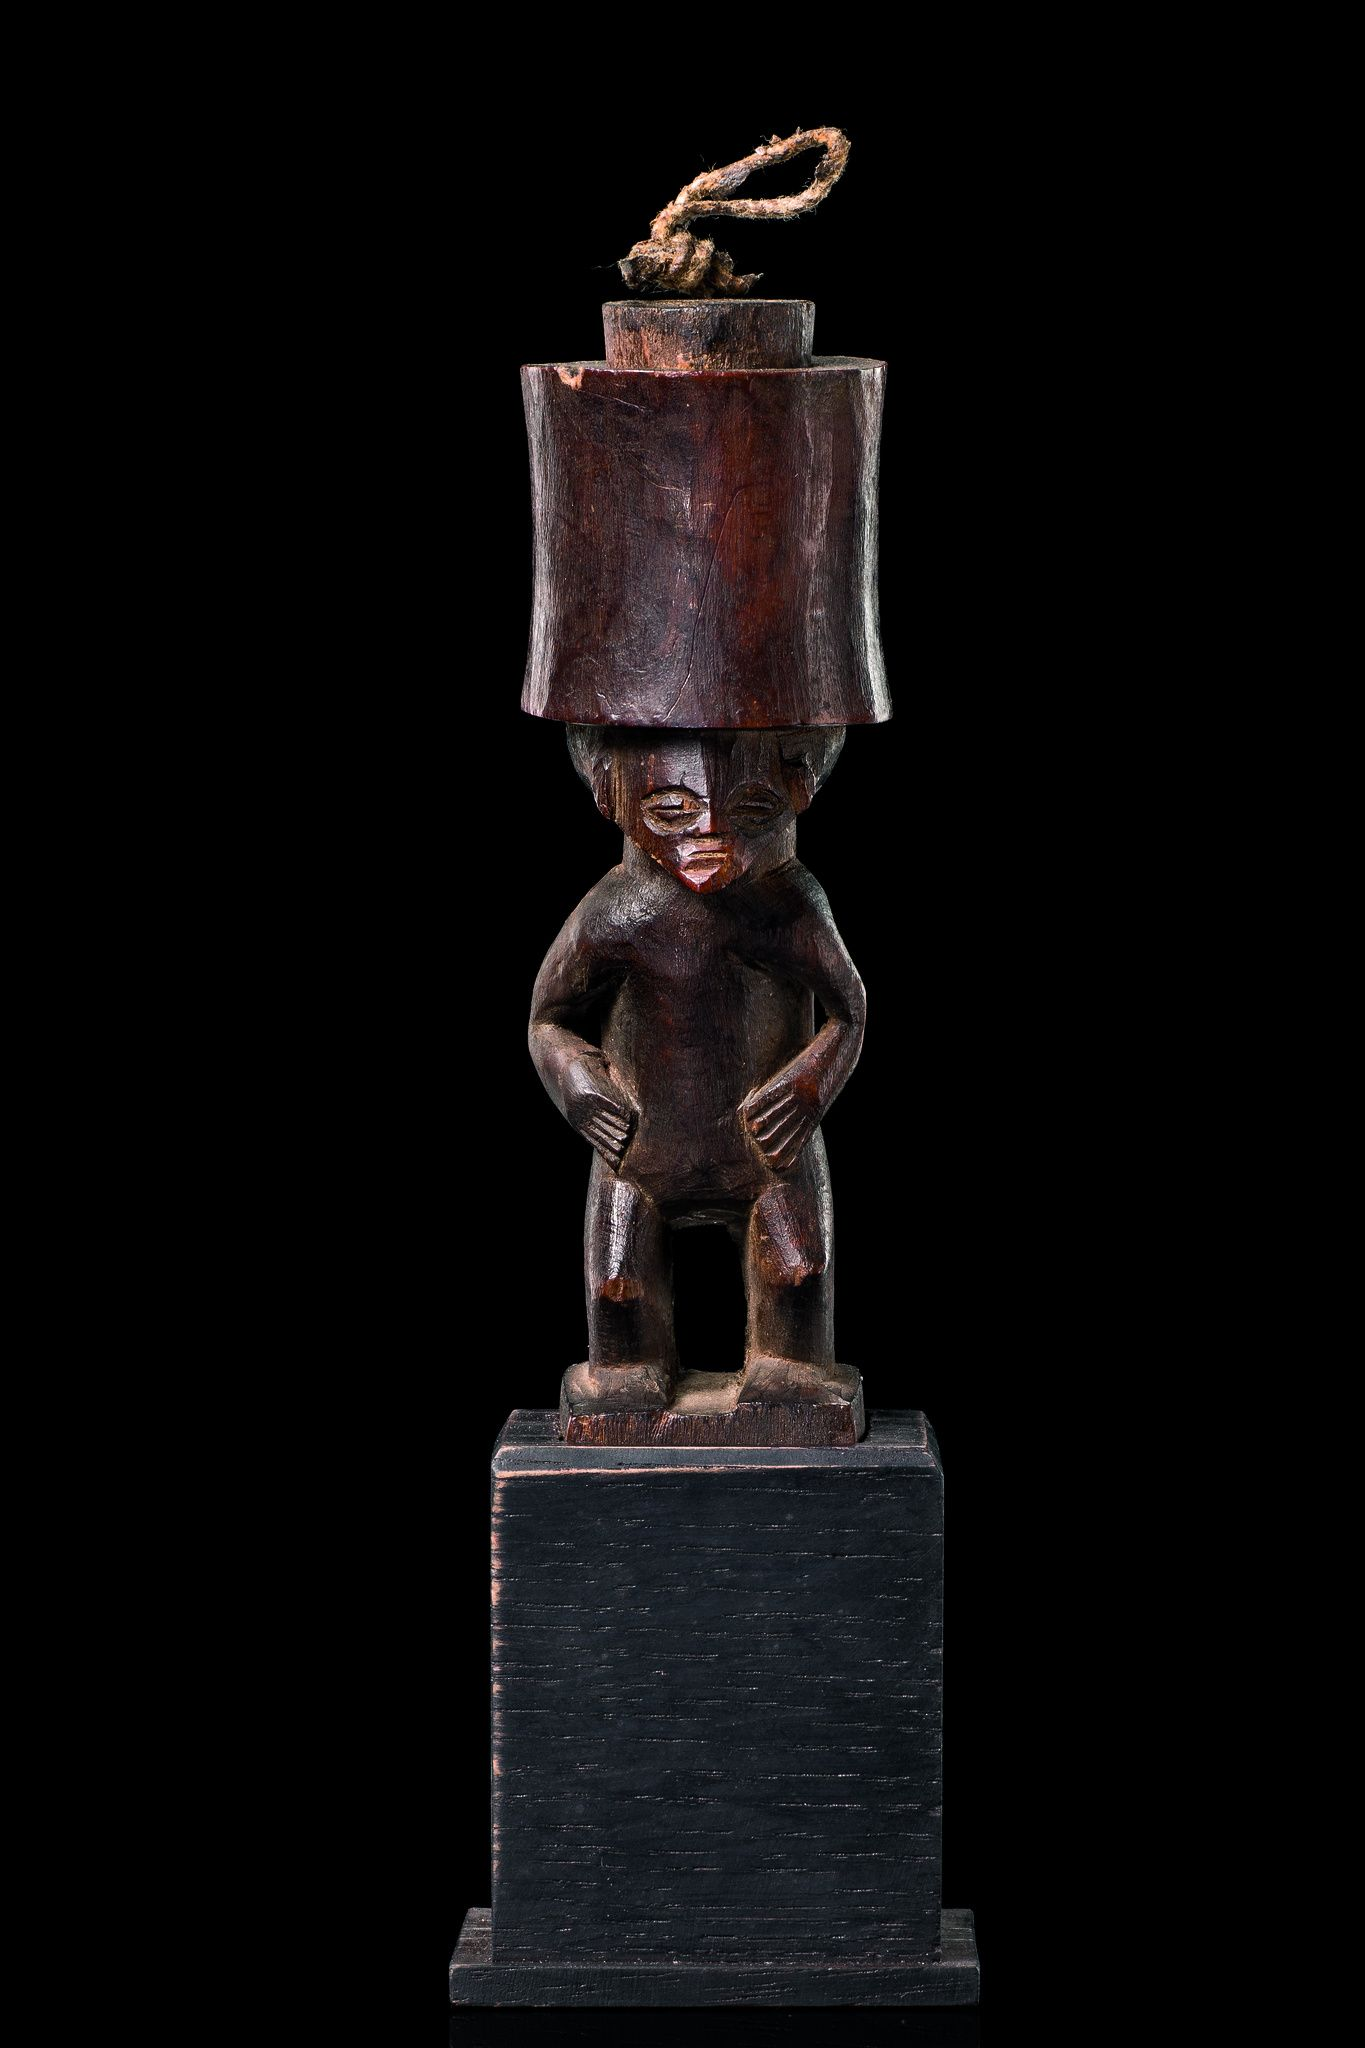 Figuraler Behälter für Schnupftabak D. R. Kongo, Chokwe Holz, braune, leicht glänzende Patina, Kopfaufsatz als Behälter, separat gearbeiteter Verschlußstöpsel, min. besch., leichte Gebrauchsspuren, Sockel; die Chokwe und verwandte Stämme rauchten Tabak oder schnupften ihn in rituellem Kontext um das Andenken an Ahnen zu ehren.